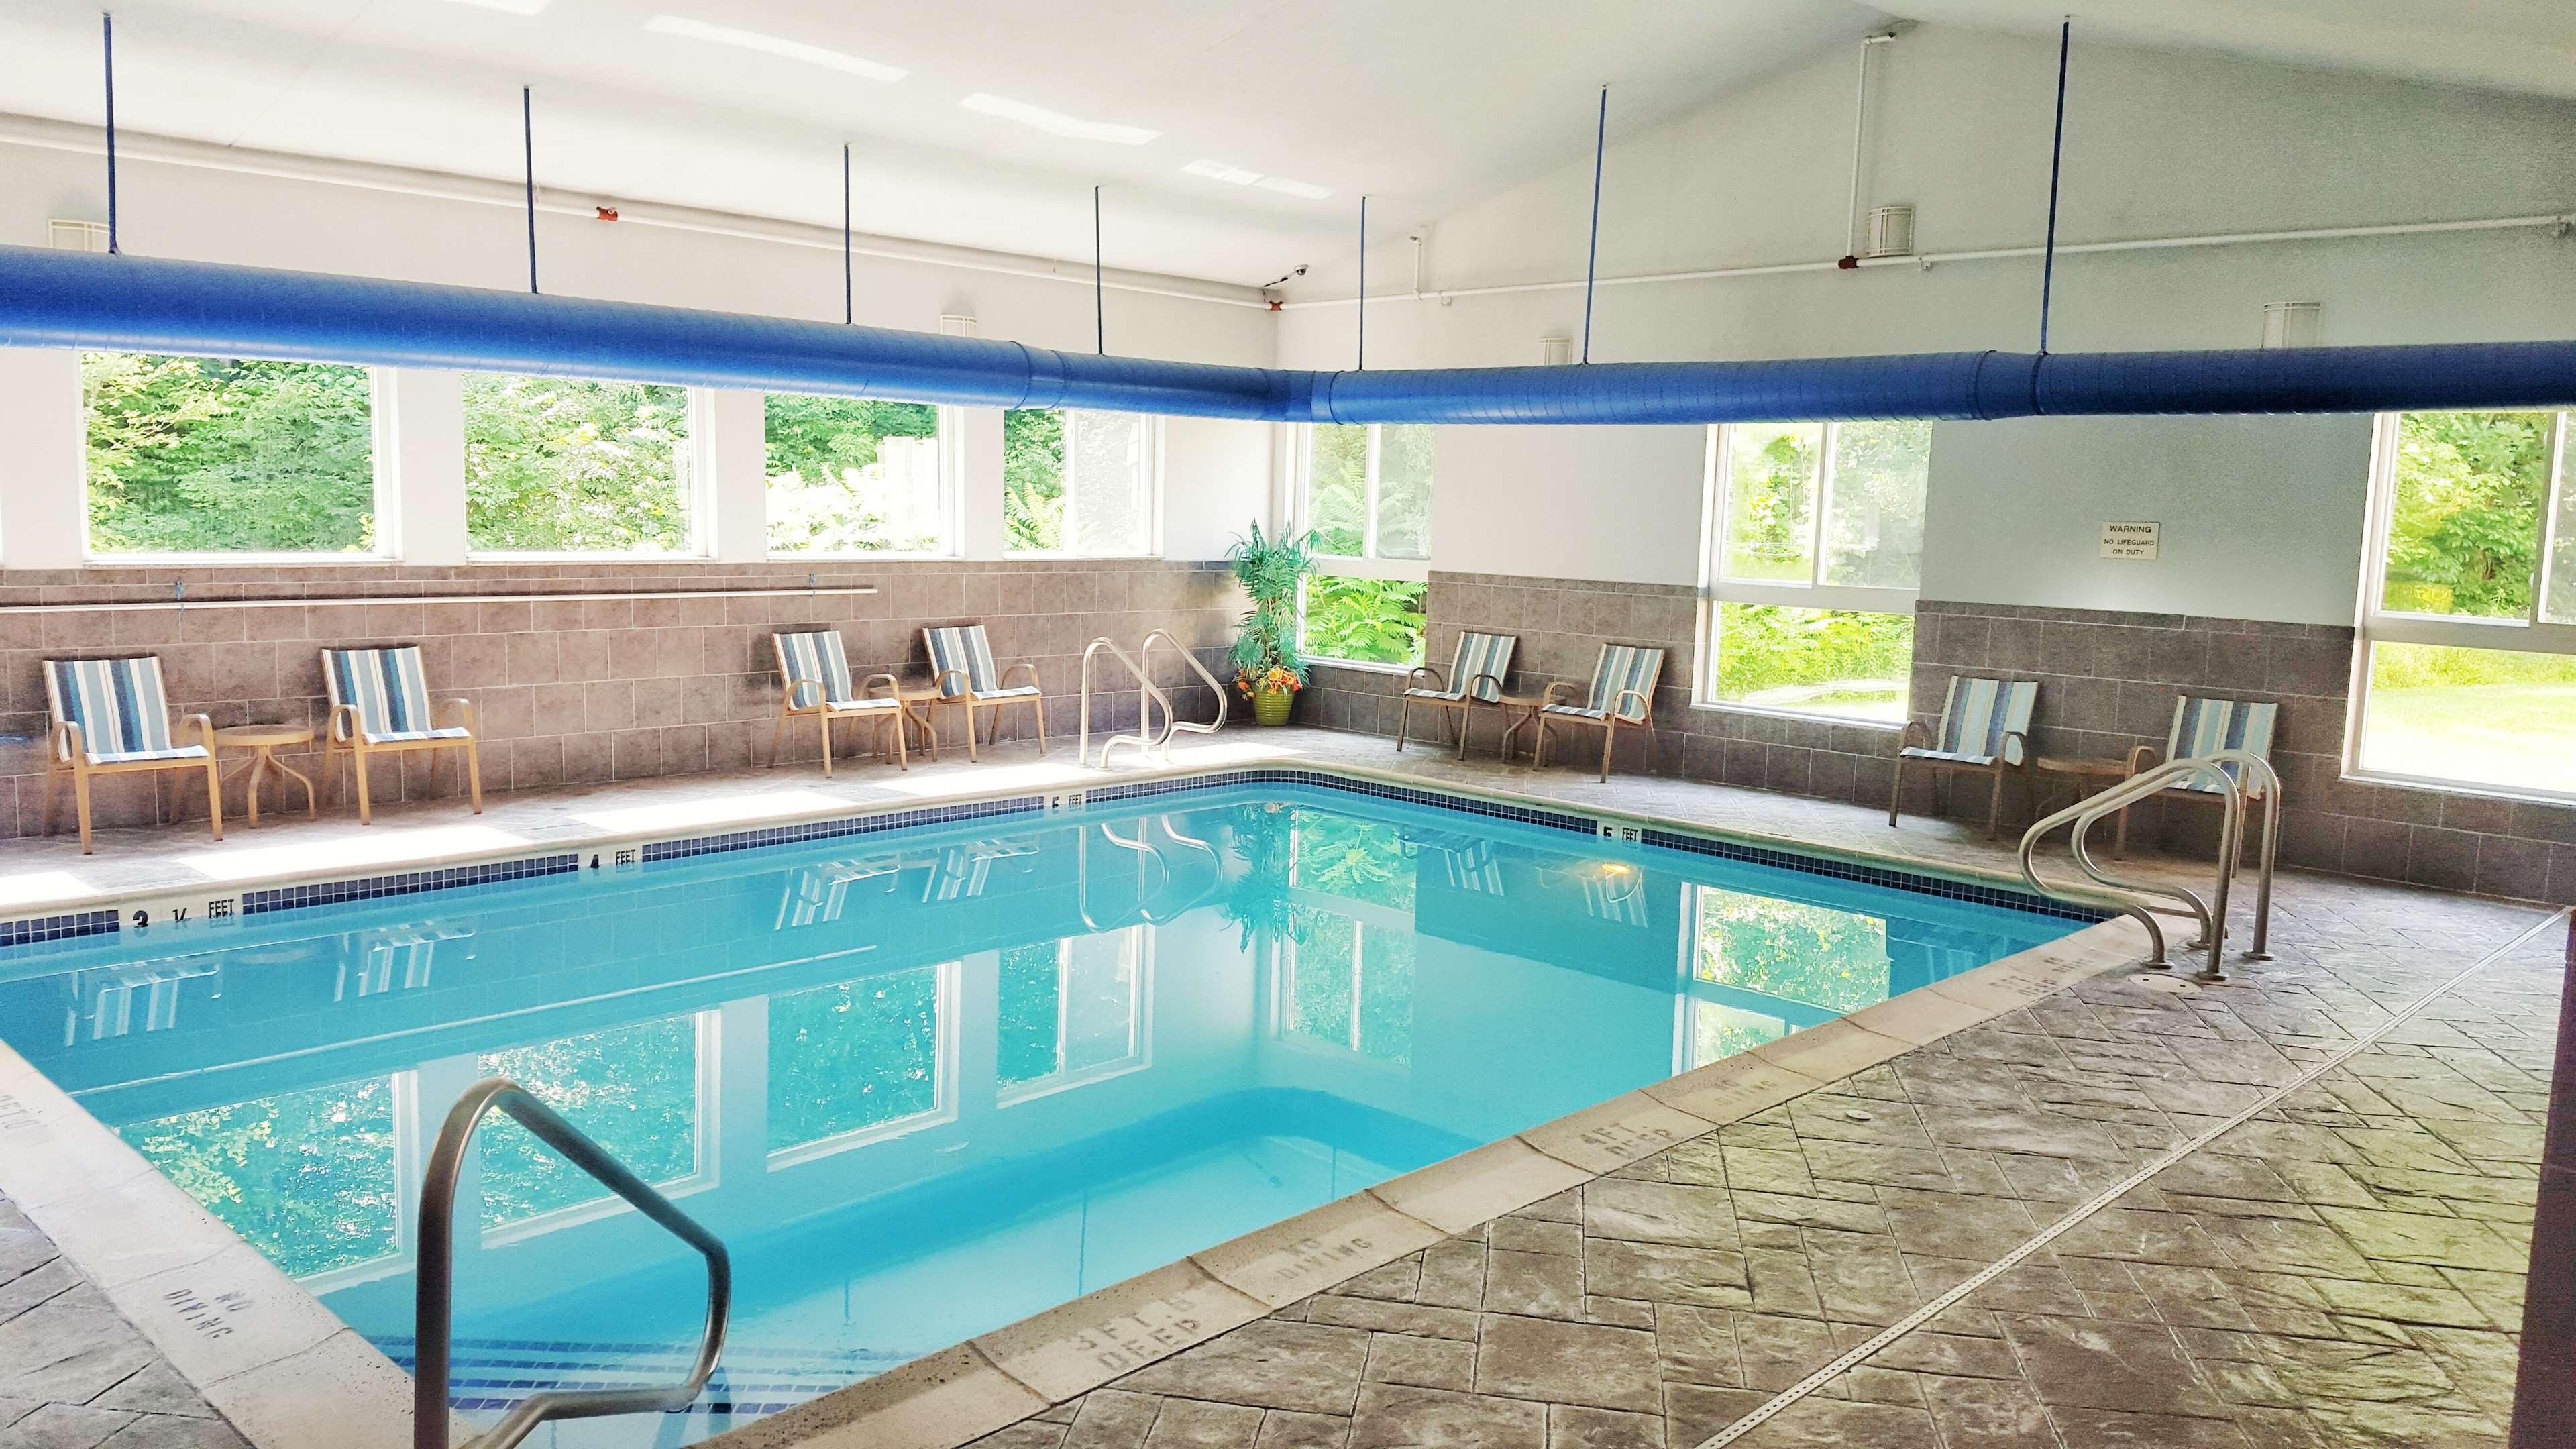 Best western plus new england inn suites berlin - Indoor swimming pool berlin ...